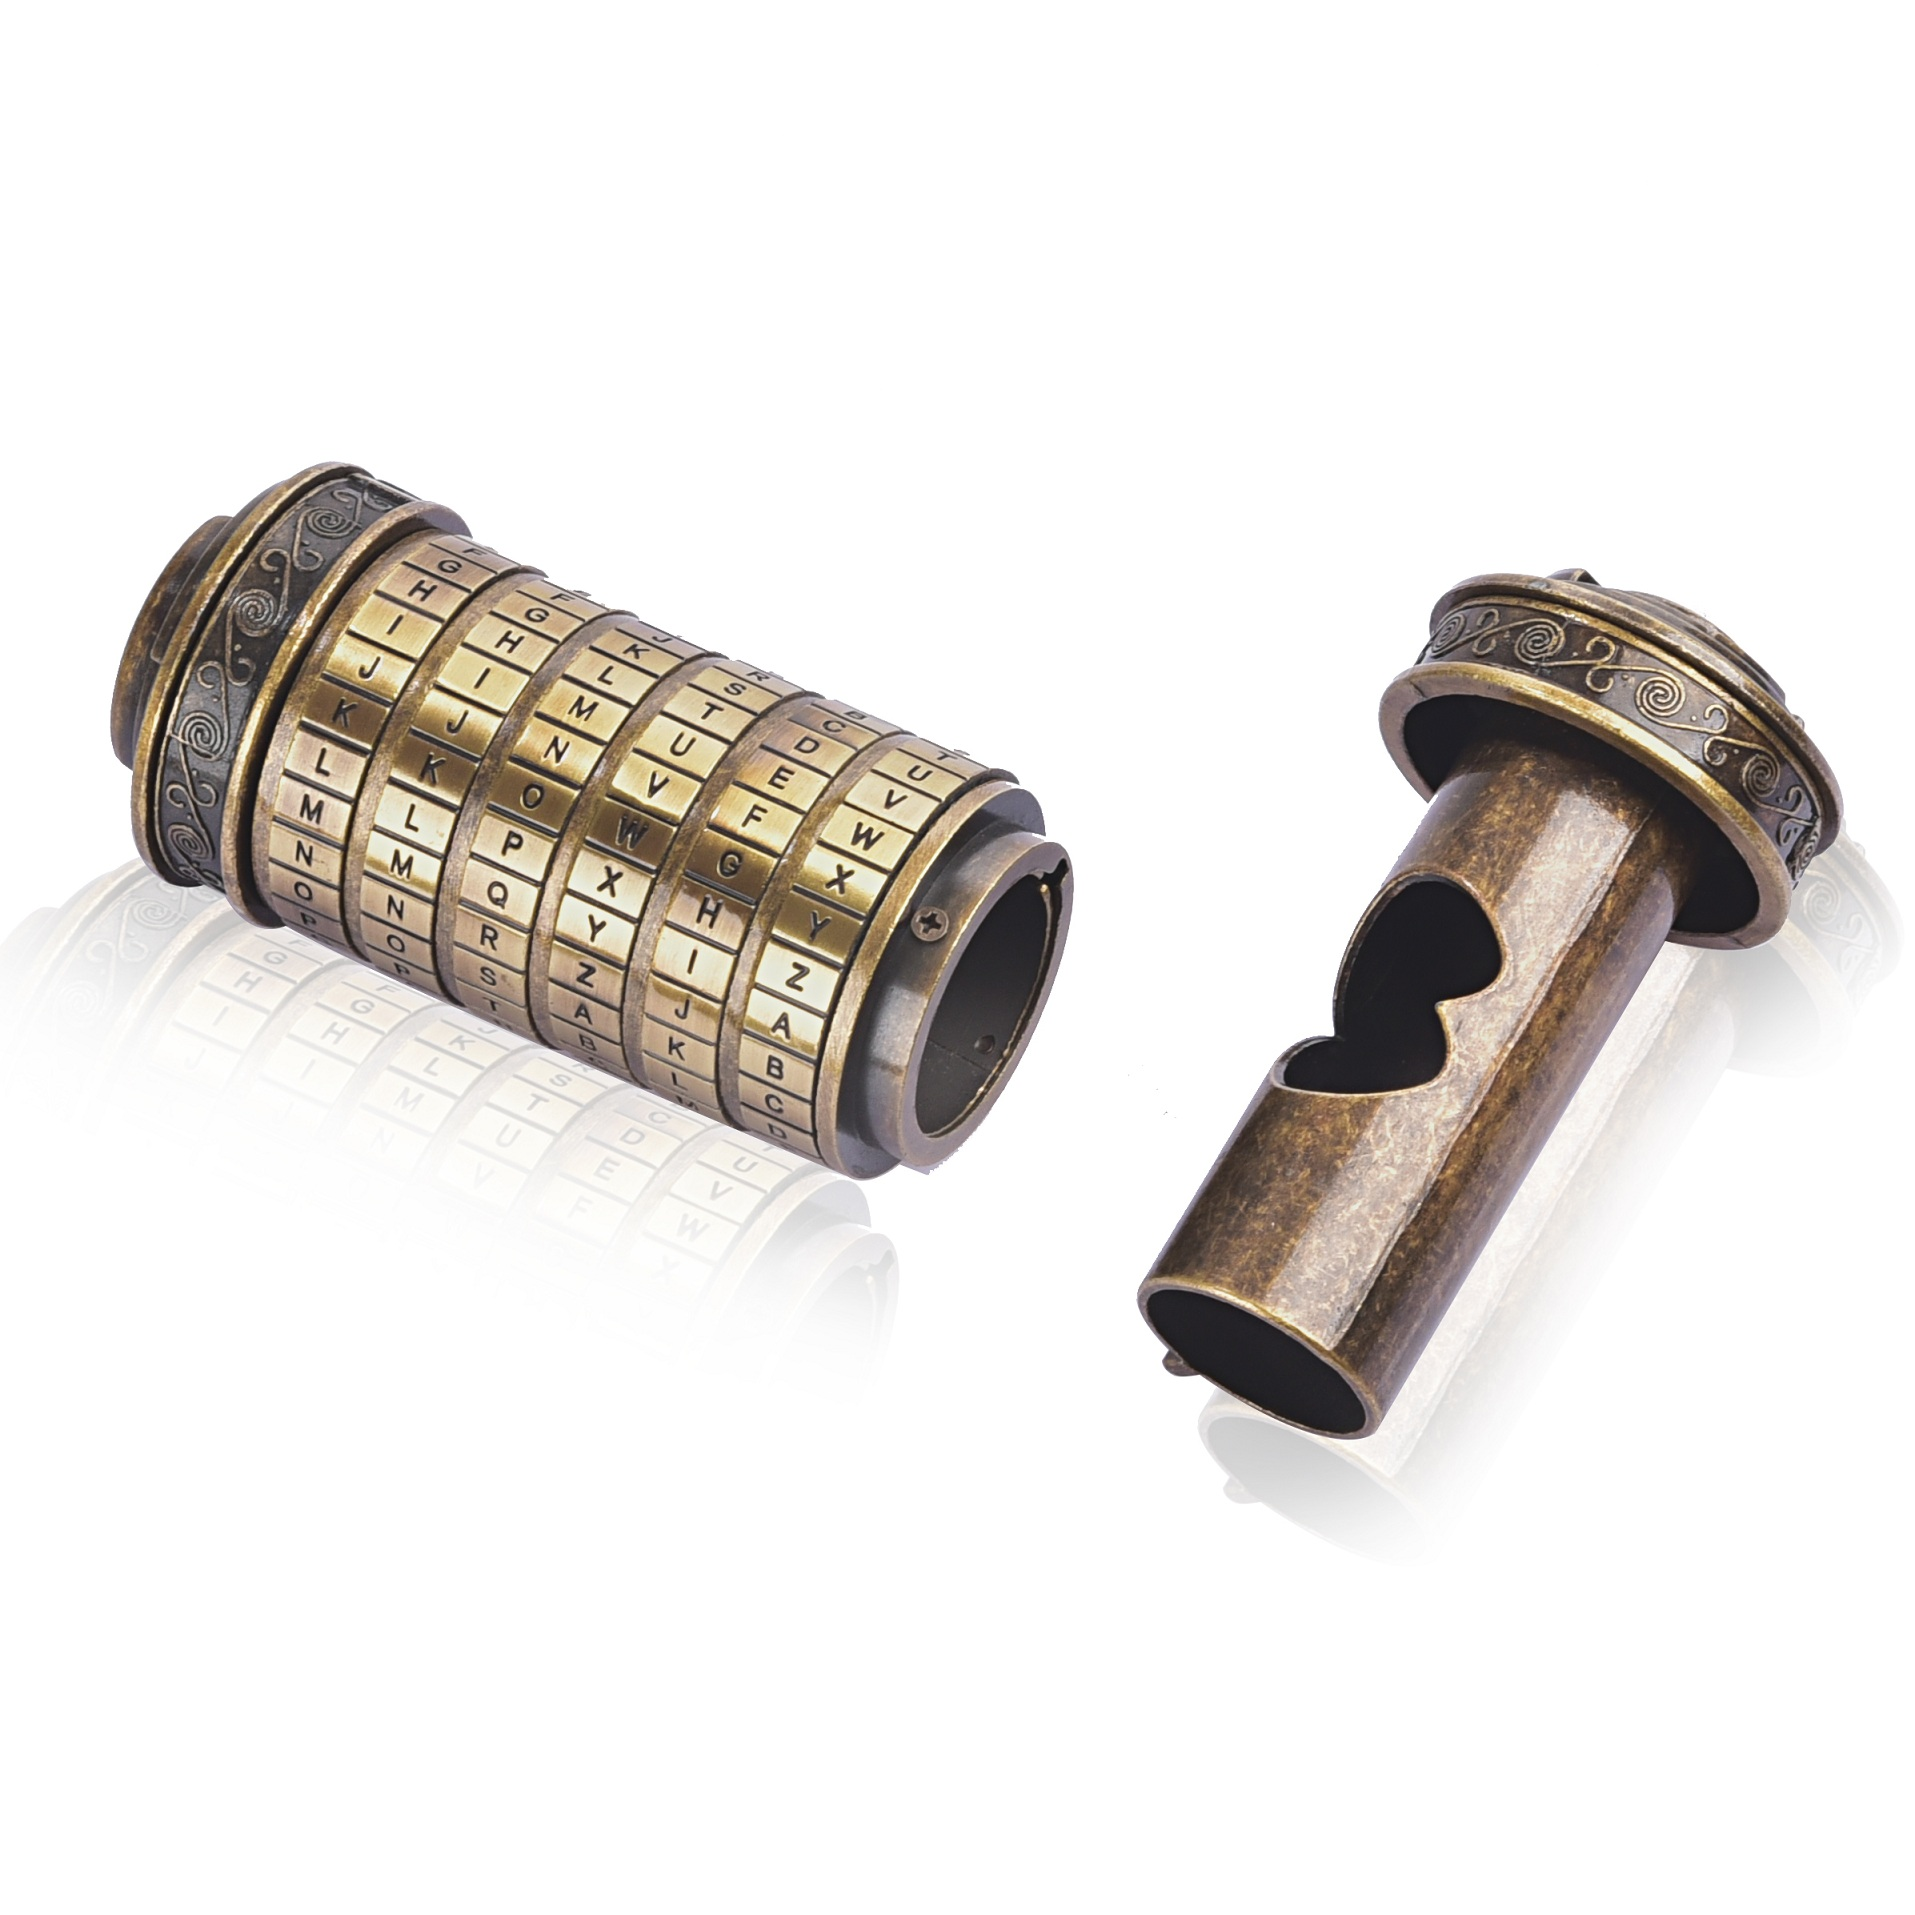 Mini Da Vinci Code jouets en métal Cryptex verrouille des cadeaux de mariage innovants cadeau saint valentin lettre mot de passe accessoires de chambre d'évasion - 4